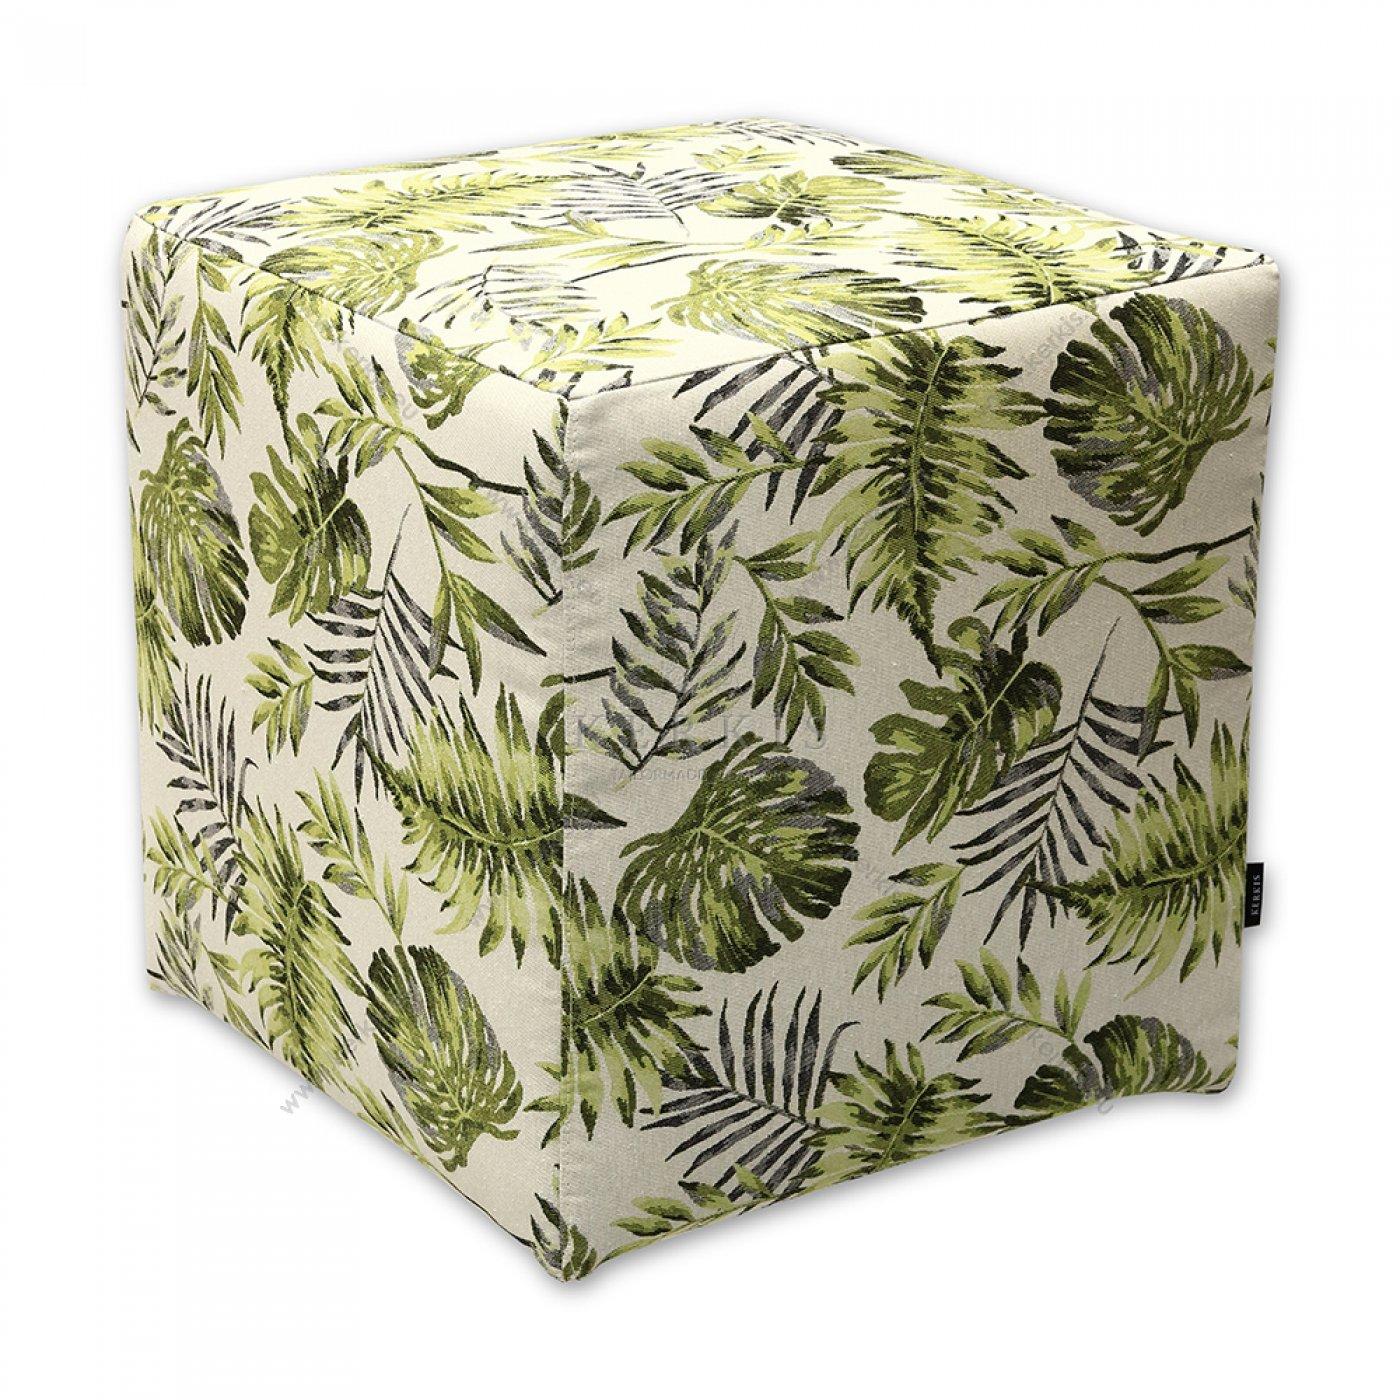 Σκαμπό κύβος πράσινο φύλλα φτέρης, κατασκευασμένος από την Kerkis Tailormade Comfort με υλικά υψηλής ποιότητας, εξαιρετική ραφή και ξύλινο σκελετό.